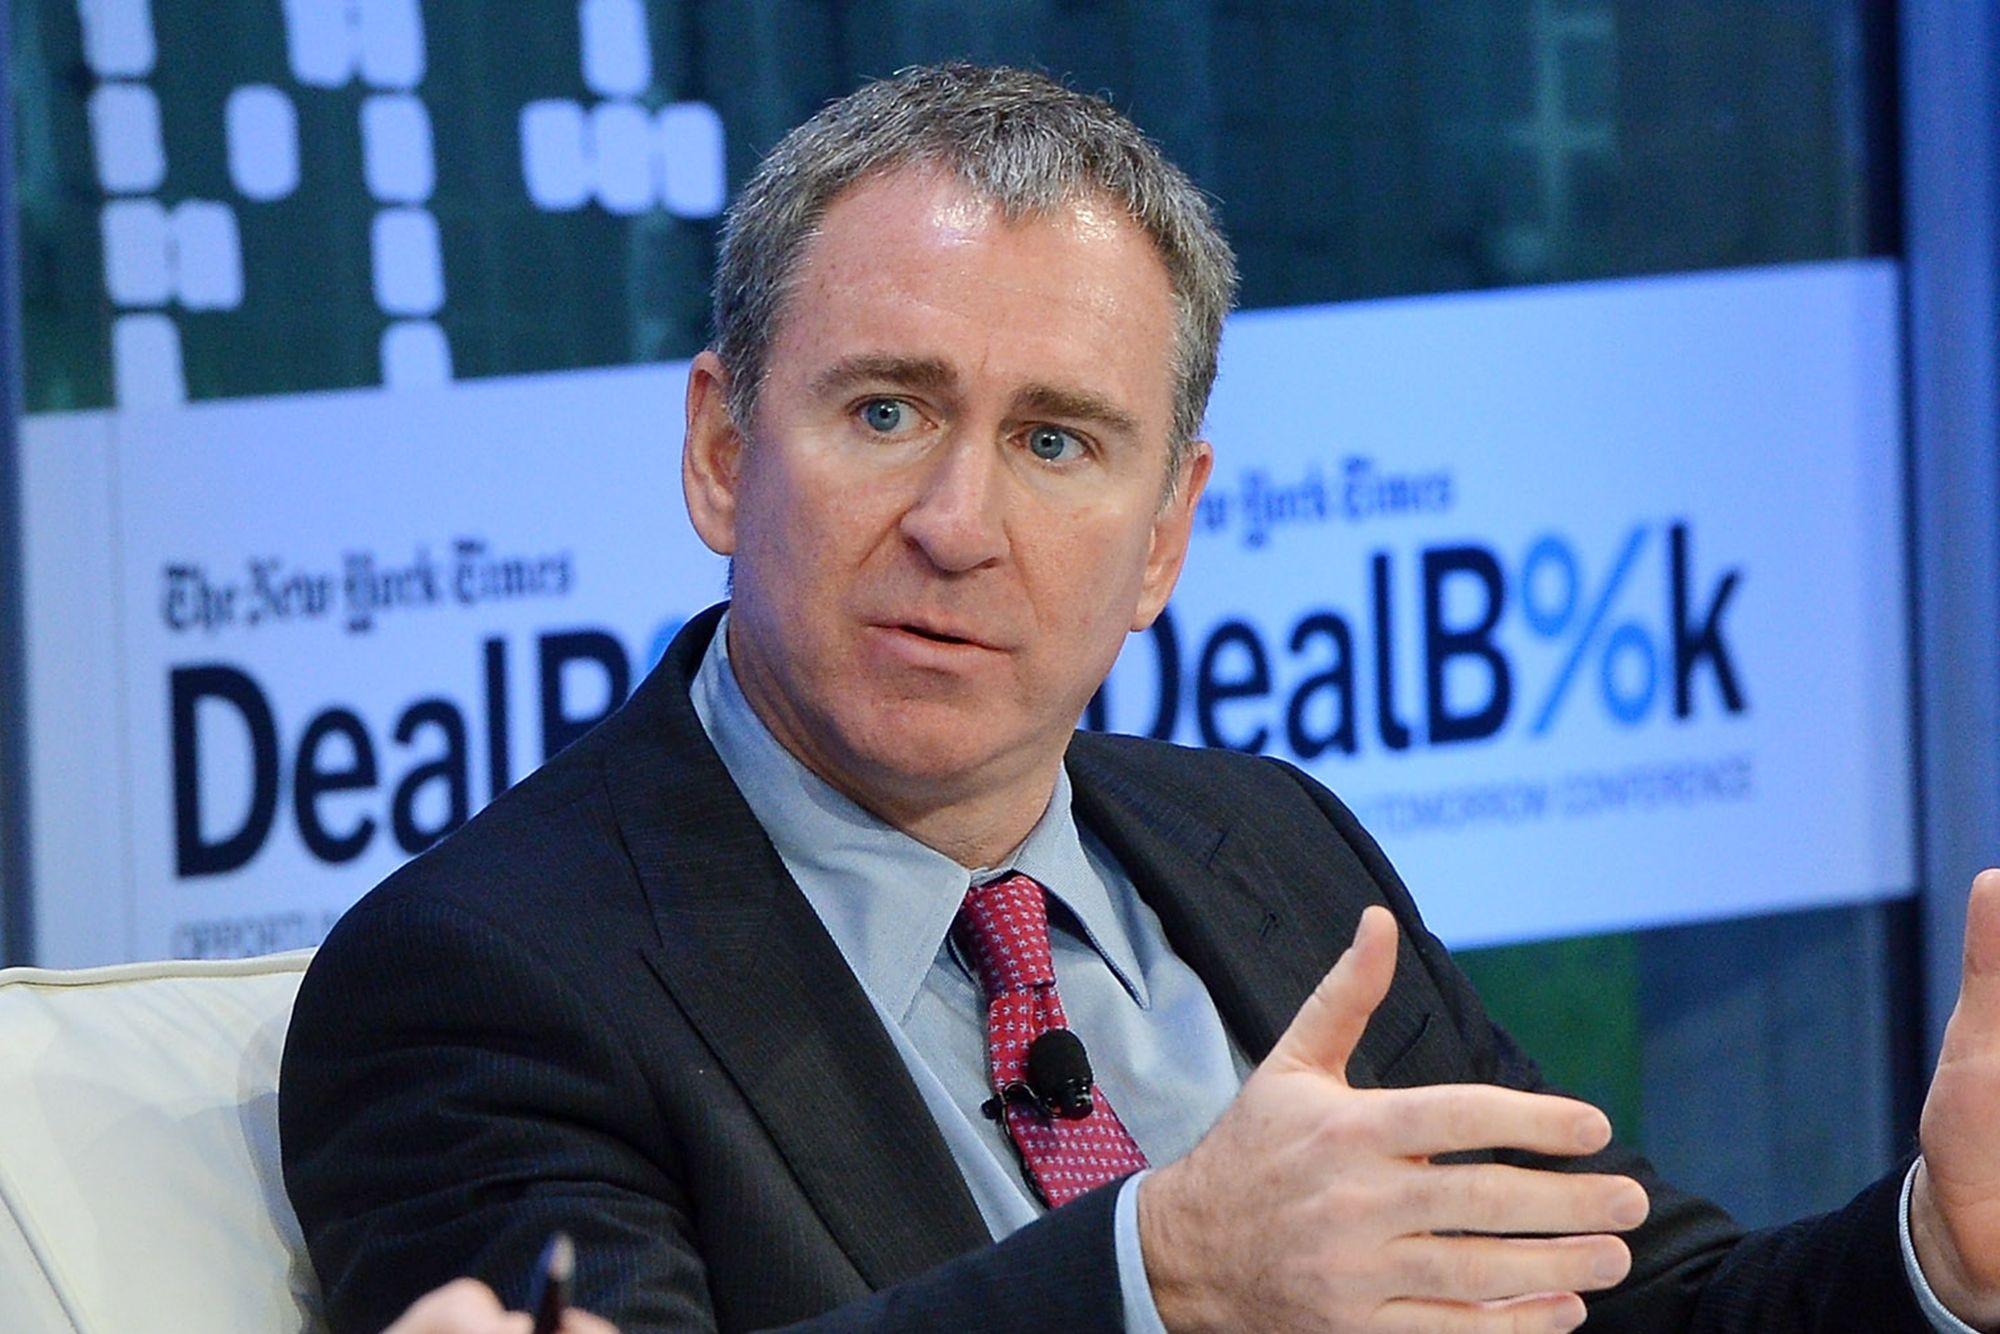 En este momento estás viendo El multimillonario de fondos de cobertura Ken Griffin llama a los mercados «completamente y sin preparación» para un salto en la inflación